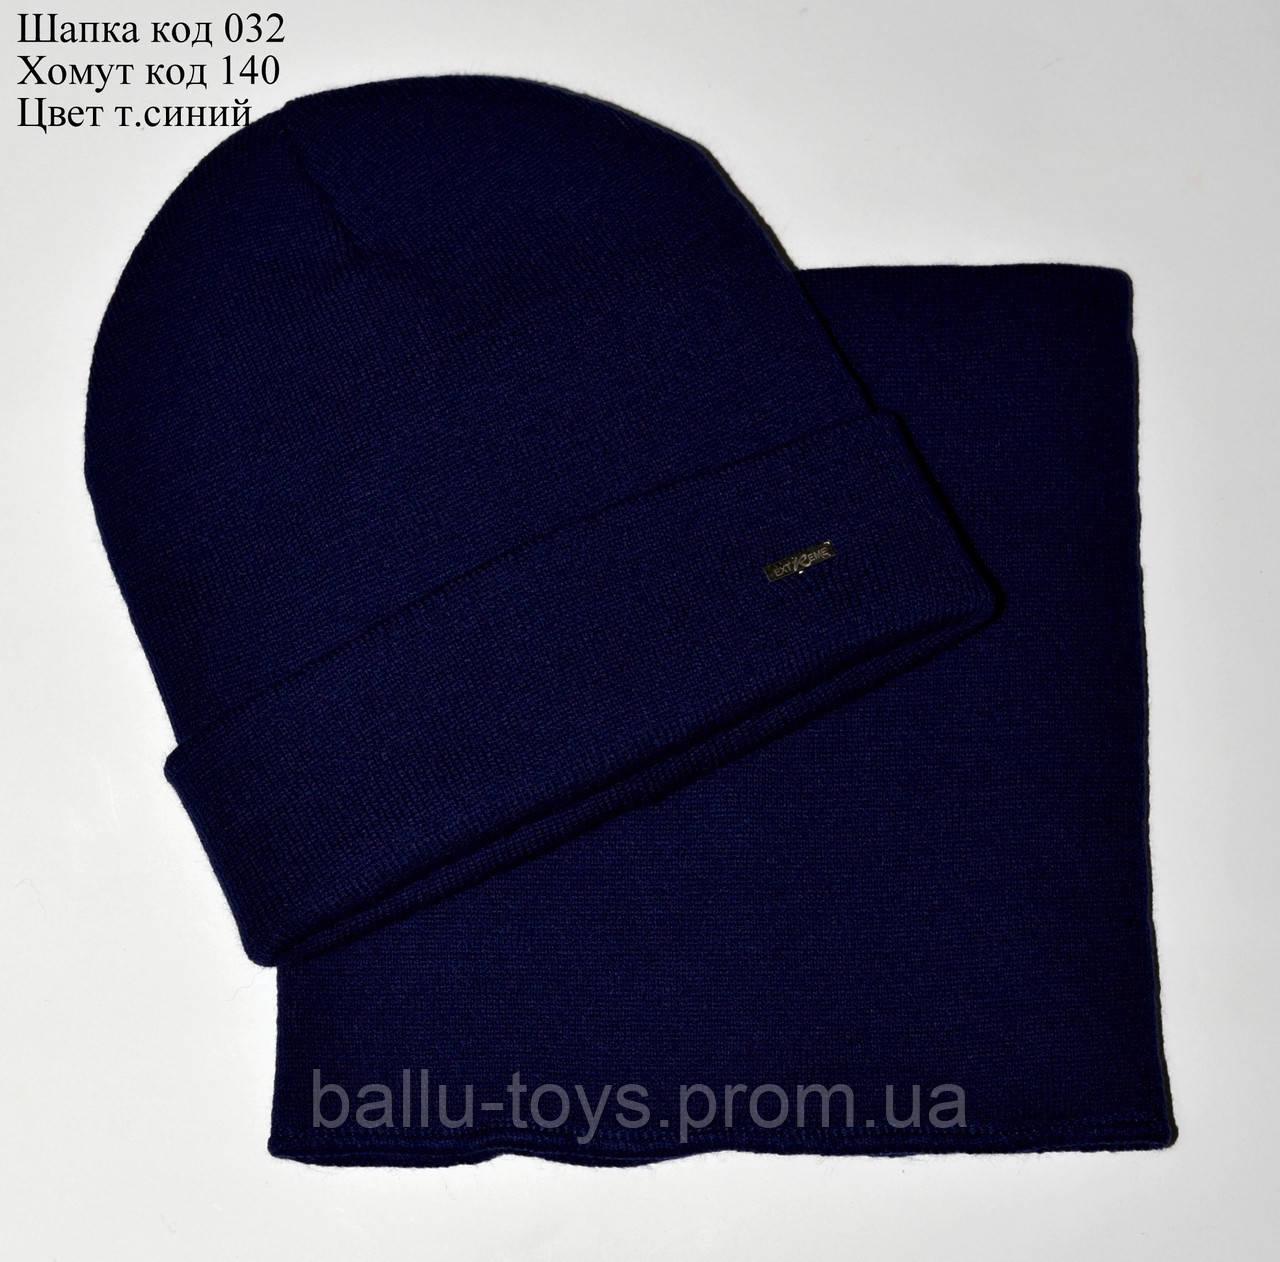 Комплект шапка и хомут для мальчиков Фокс (от 7 лет)